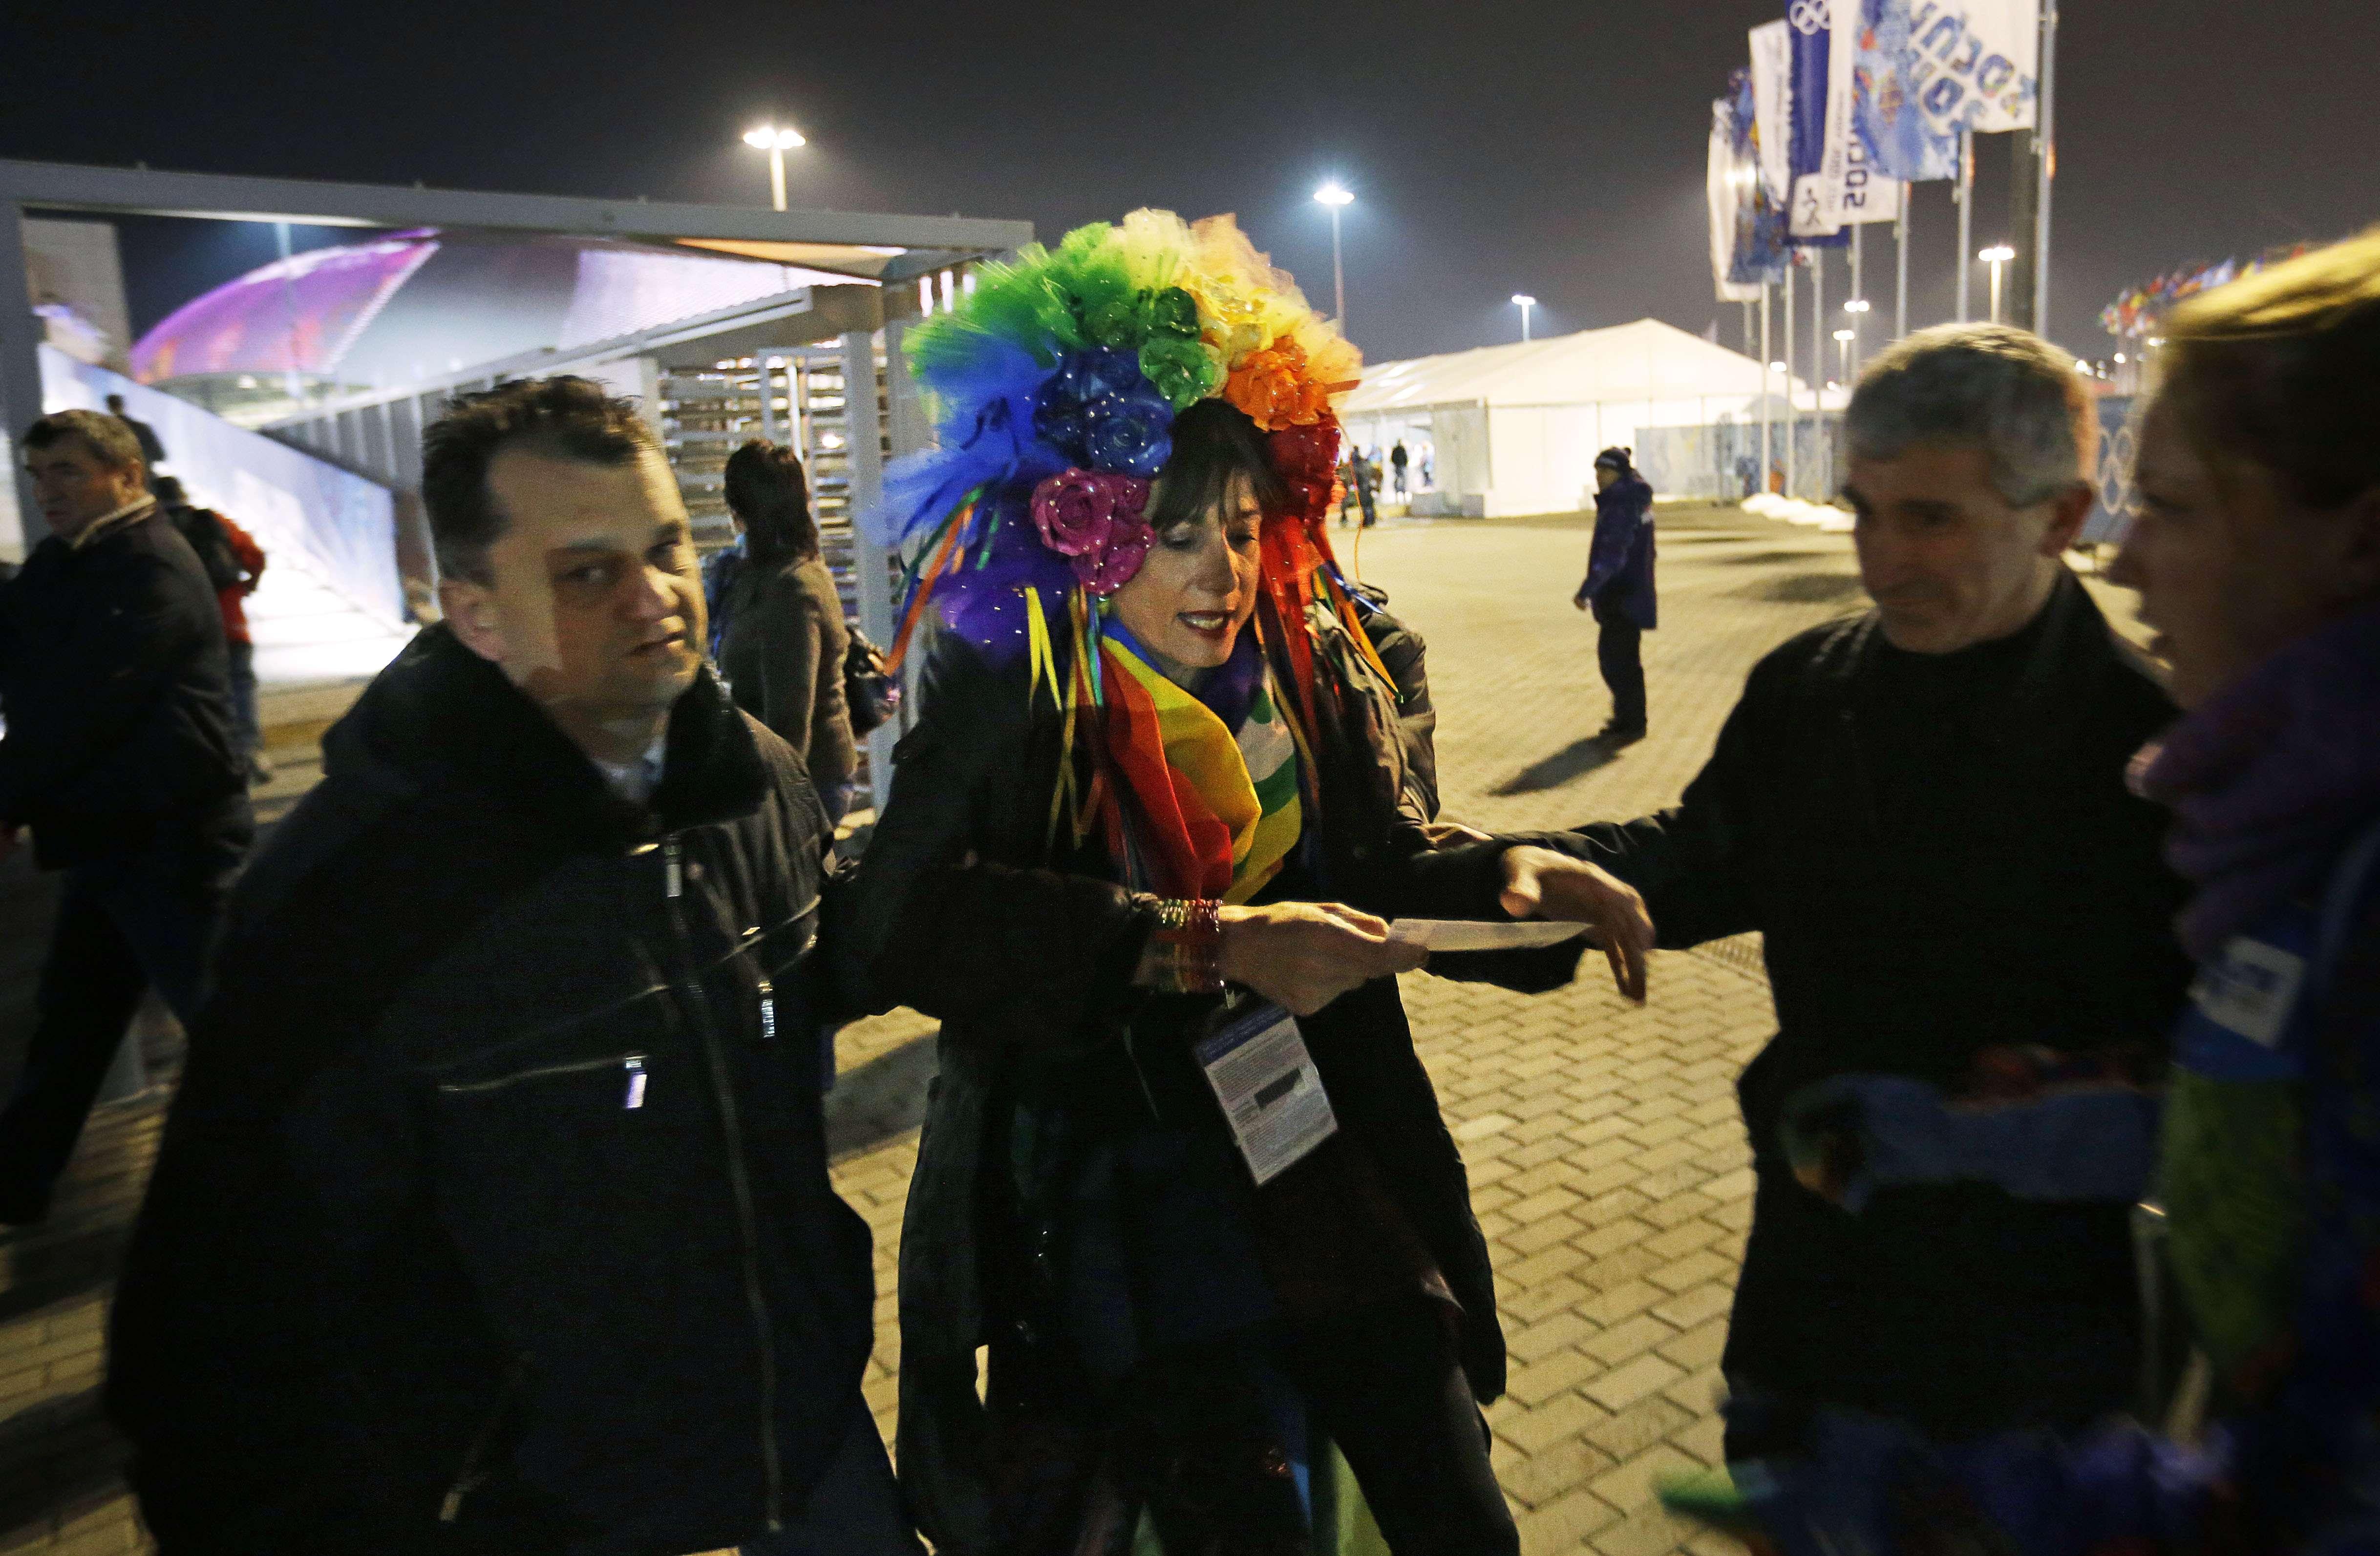 Vladimir Luxuria, una italiana defensora de los gays, es detenida por policías antes de ingresar al estadio Shayba, en Sochi, Rusia, el lunes 17 de febrero de 2014. (Foto AP/David Goldman) Foto: David Goldman/AP